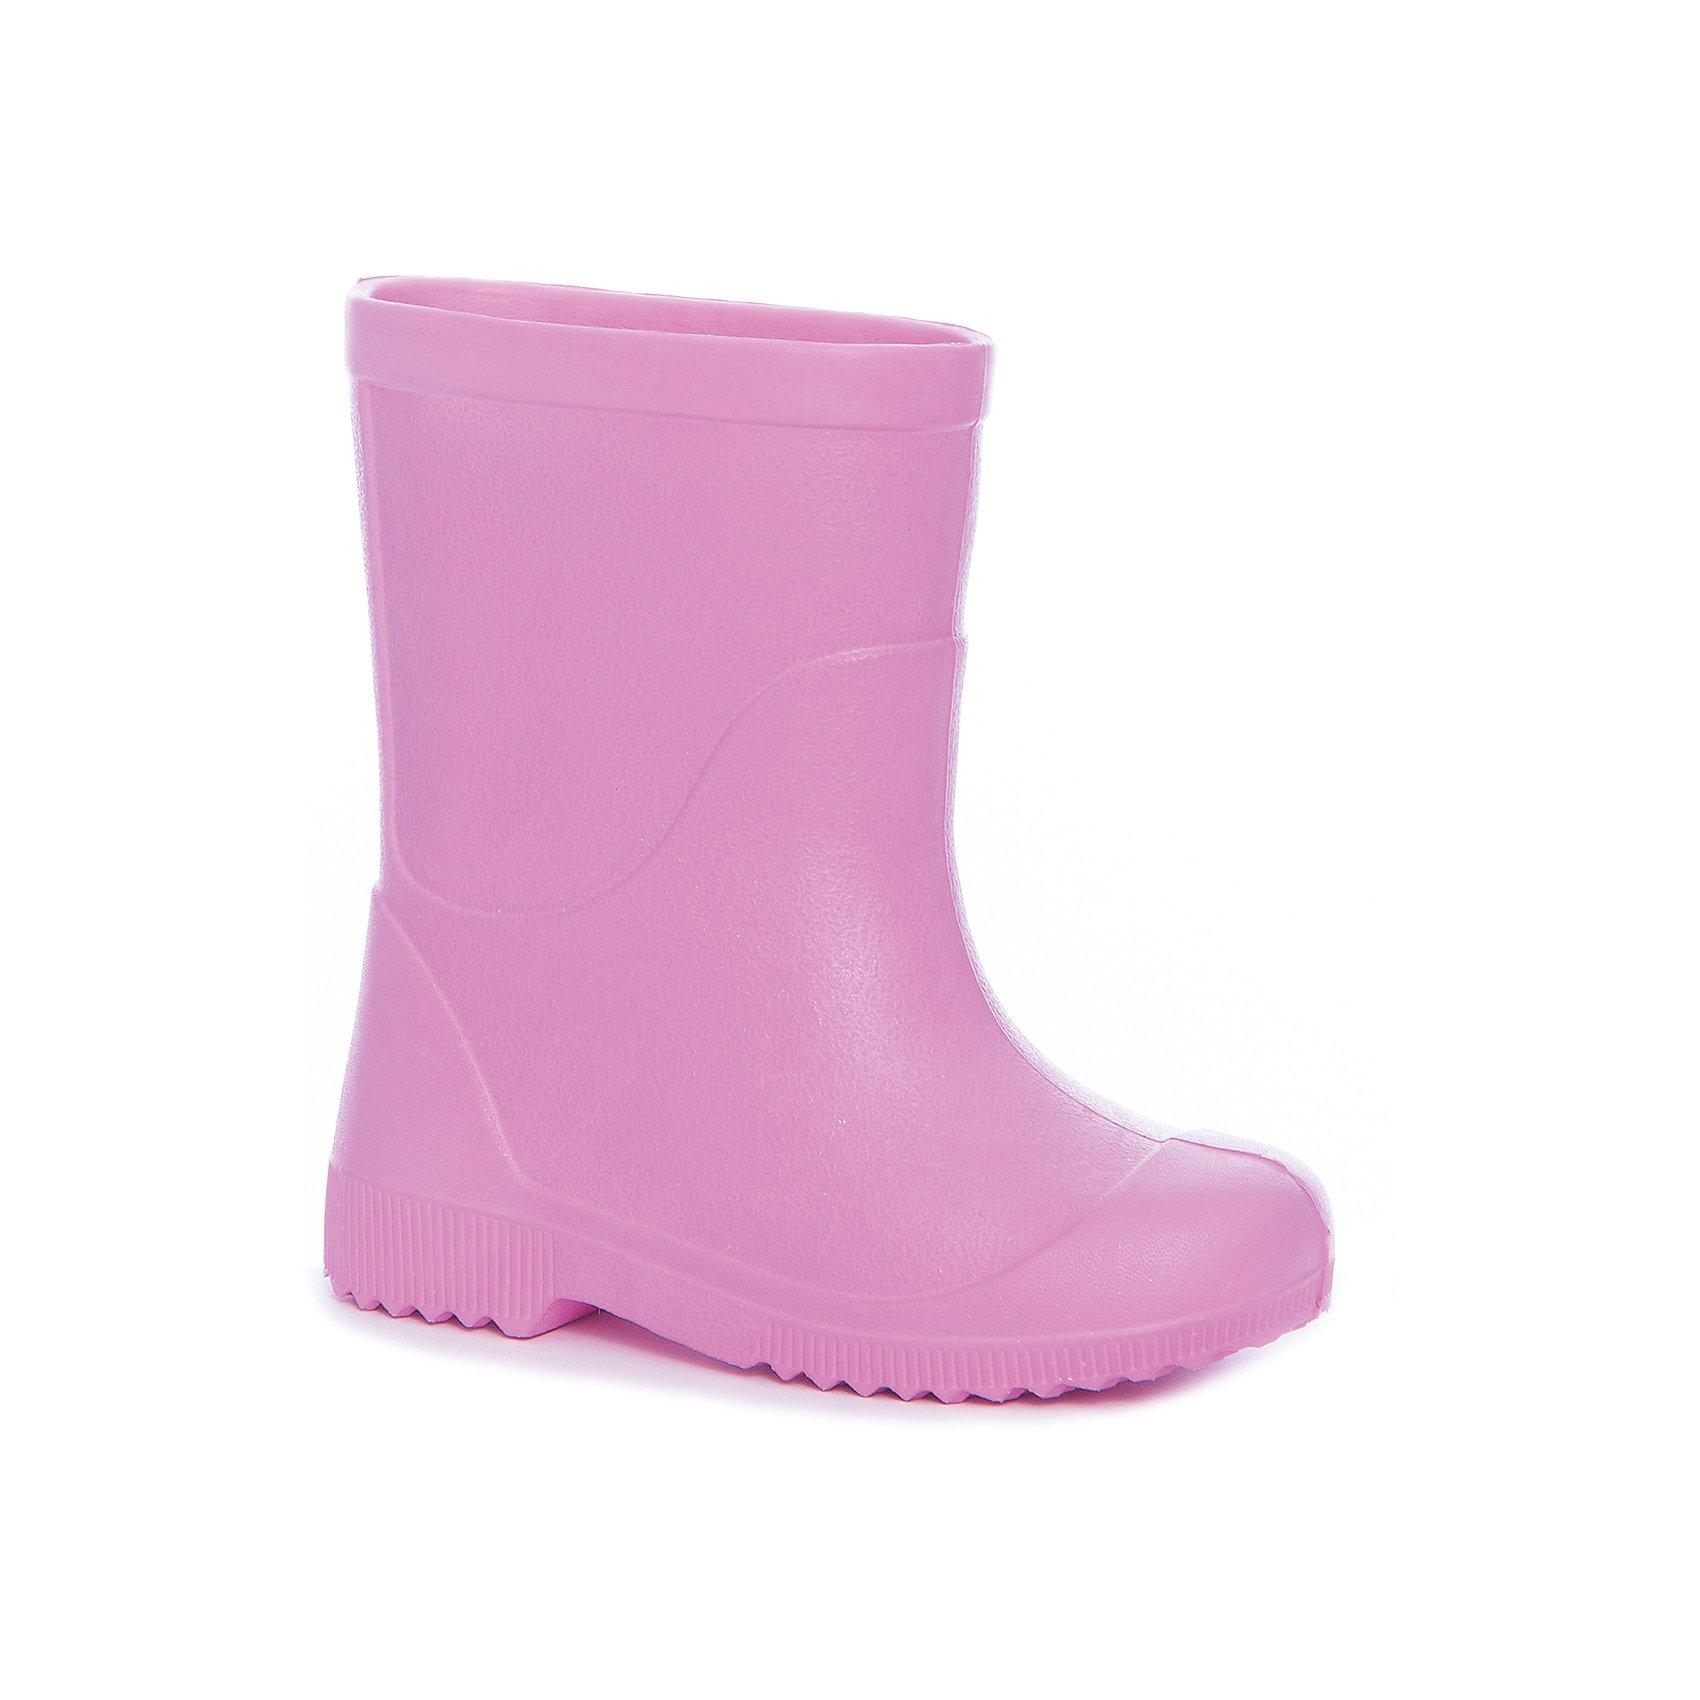 Резиновые сапоги Nordman для девочкиРезиновые сапоги<br>Характеристики товара:<br><br>• цвет: розовый<br>• материал верха: ЭВА<br>• подклад: флис<br>• стелька: флис<br>• подошва: ЭВА<br>• сезон: зима, демисезон<br>• температурный режим: от +10 до -5<br>• сапожок съемный<br>• непромокаемые<br>• подошва не скользит<br>• анатомические <br>• страна бренда: Россия<br>• страна изготовитель: Россия<br><br>Сноубутсы для девочки Nordman позволяют сохранить ноги в тепле и одновременно не дают им промокнуть. Такая обувь отлично подходит для теплой зимы или слякоти в межсезонье. <br><br>Высокое голенище предотвращает попадание влаги или грязи в сапог. Флисовая мягкая подкладка обеспечивает ногам комфортные условия. Съемный сапожок быстро высыхает.<br><br>Сноубутсы для девочки Nordman (Нордман) можно купить в нашем интернет-магазине.<br><br>Ширина мм: 257<br>Глубина мм: 180<br>Высота мм: 130<br>Вес г: 420<br>Цвет: розовый<br>Возраст от месяцев: 132<br>Возраст до месяцев: 144<br>Пол: Женский<br>Возраст: Детский<br>Размер: 34/35,22/23,24/25,26/27,28/29,30/31,32/33<br>SKU: 6867245